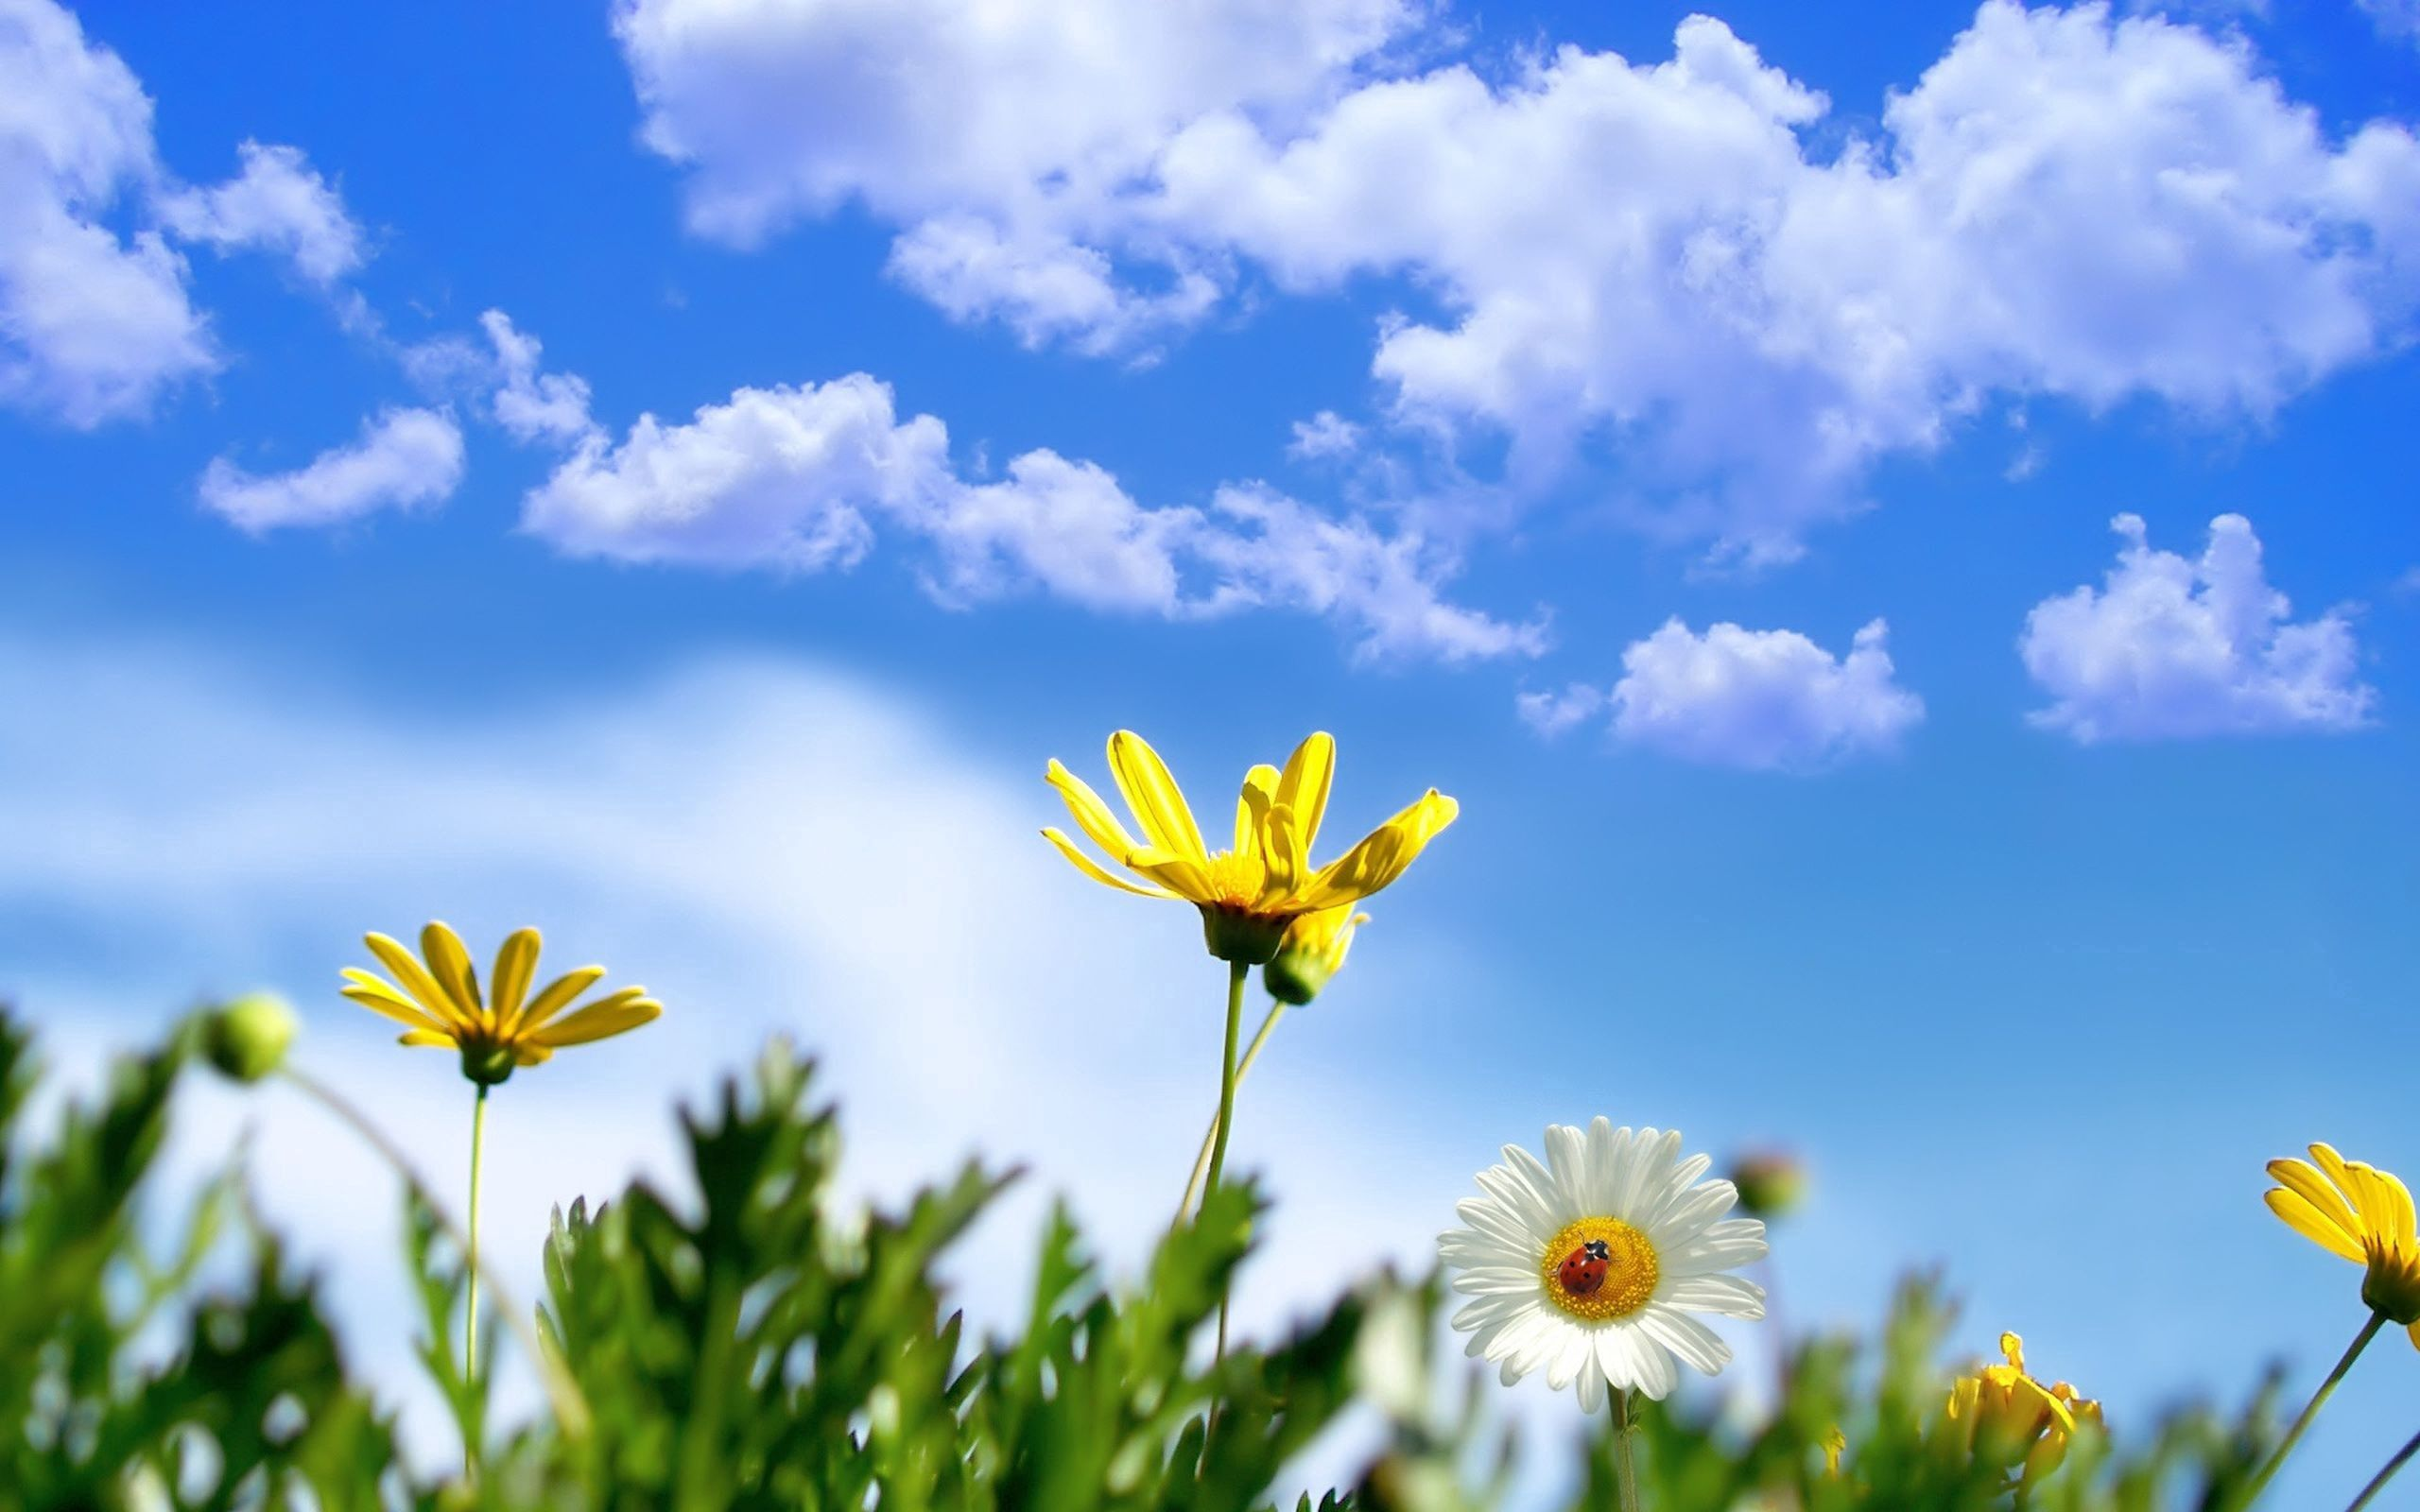 117192 Hintergrundbild herunterladen Natur, Sky, Clouds, Marienkäfer, Blume, Ladybird - Bildschirmschoner und Bilder kostenlos